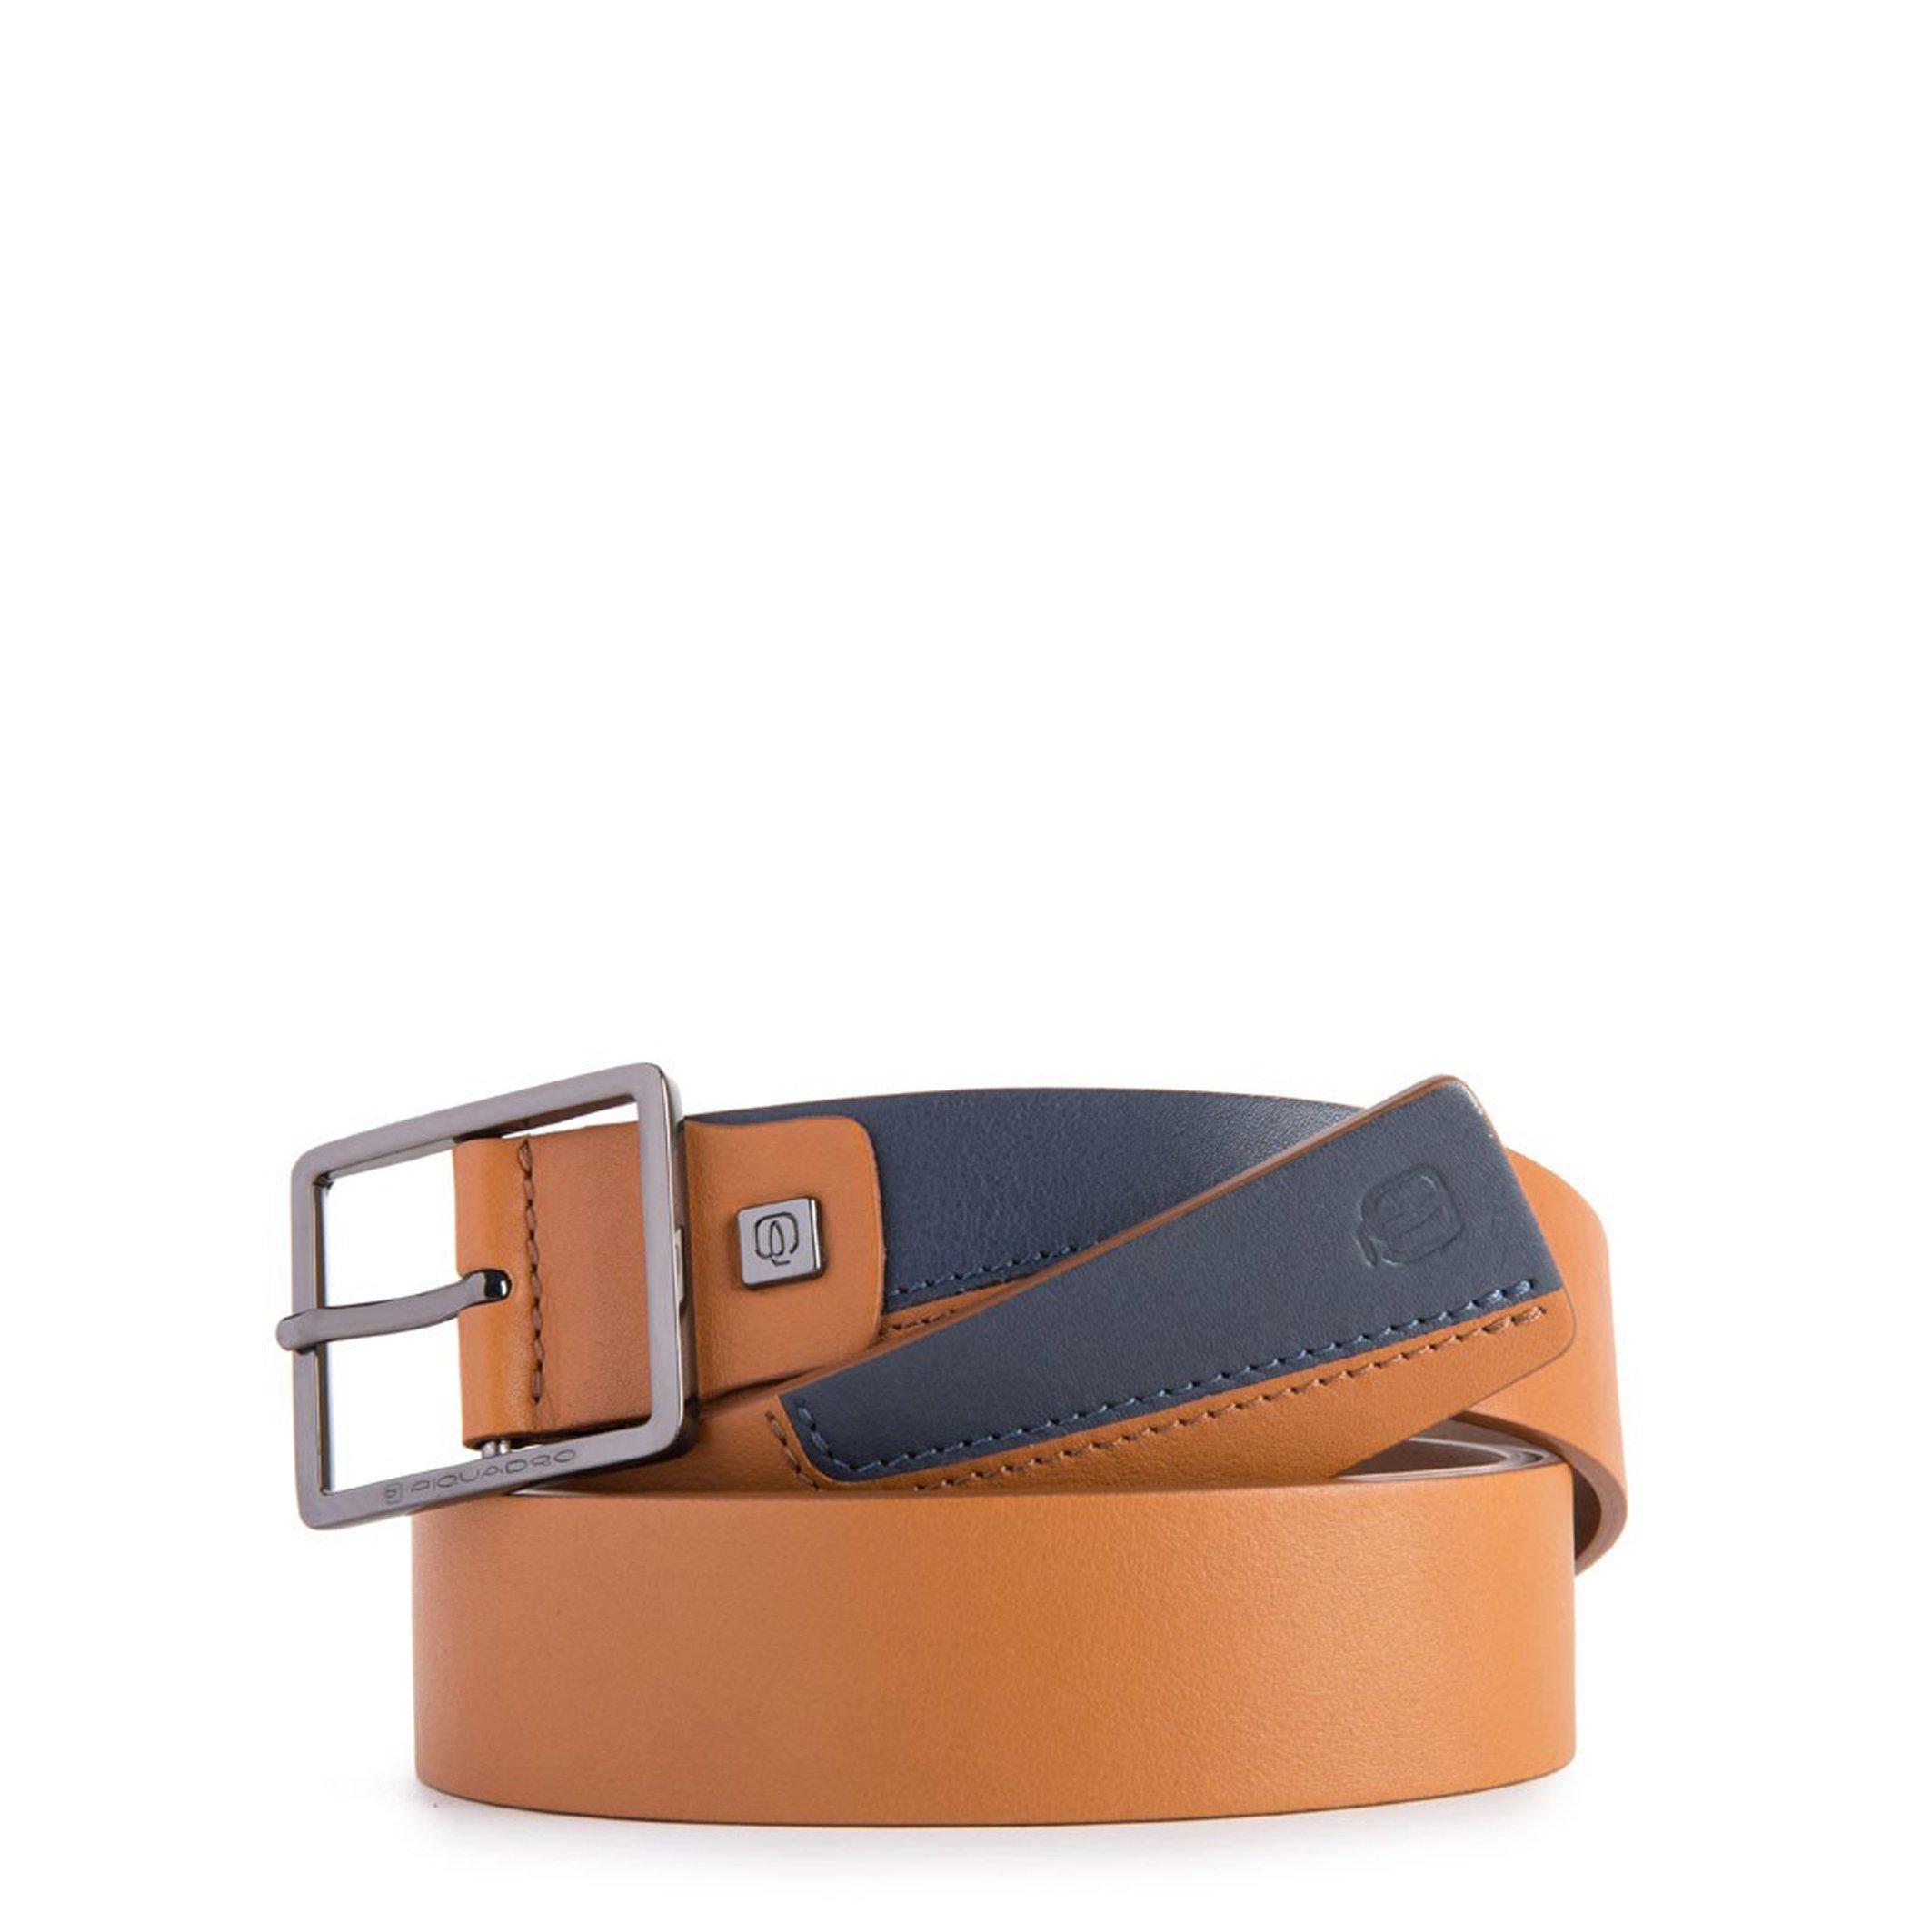 Piquadro Men's Belt Various Colours CU4987S104 - brown NOSIZE